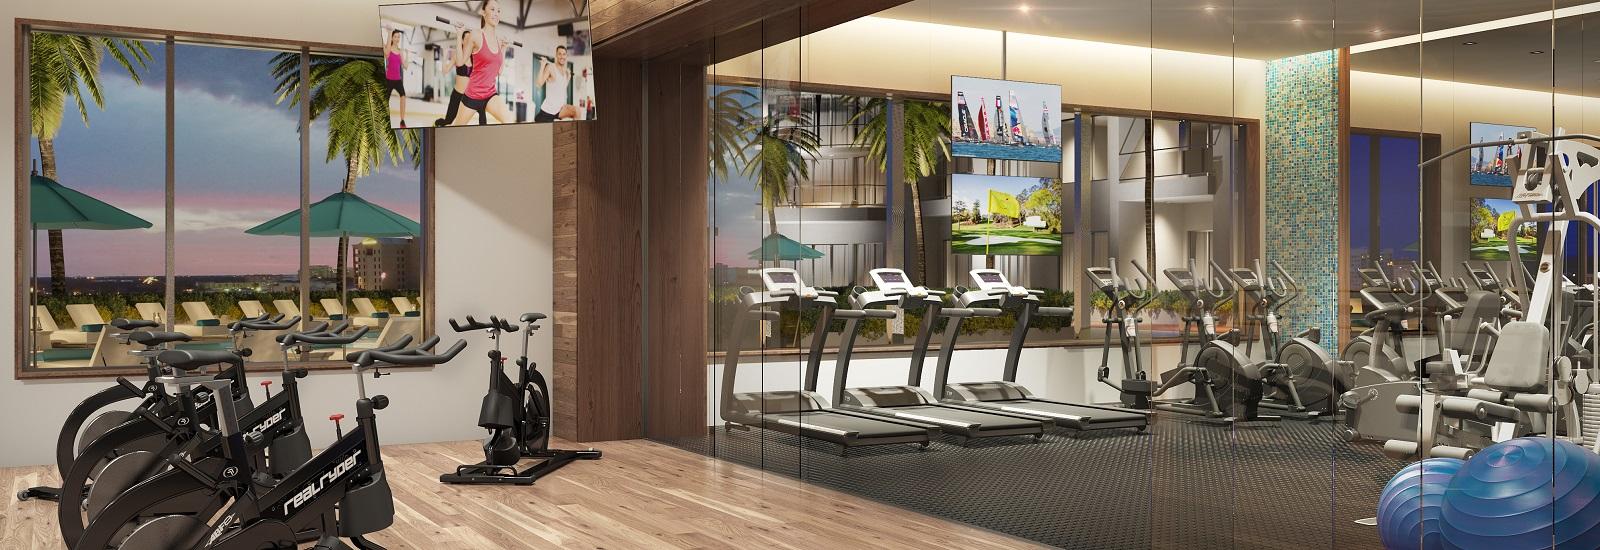 1600x550-TheMark_FitnessCenter.jpg